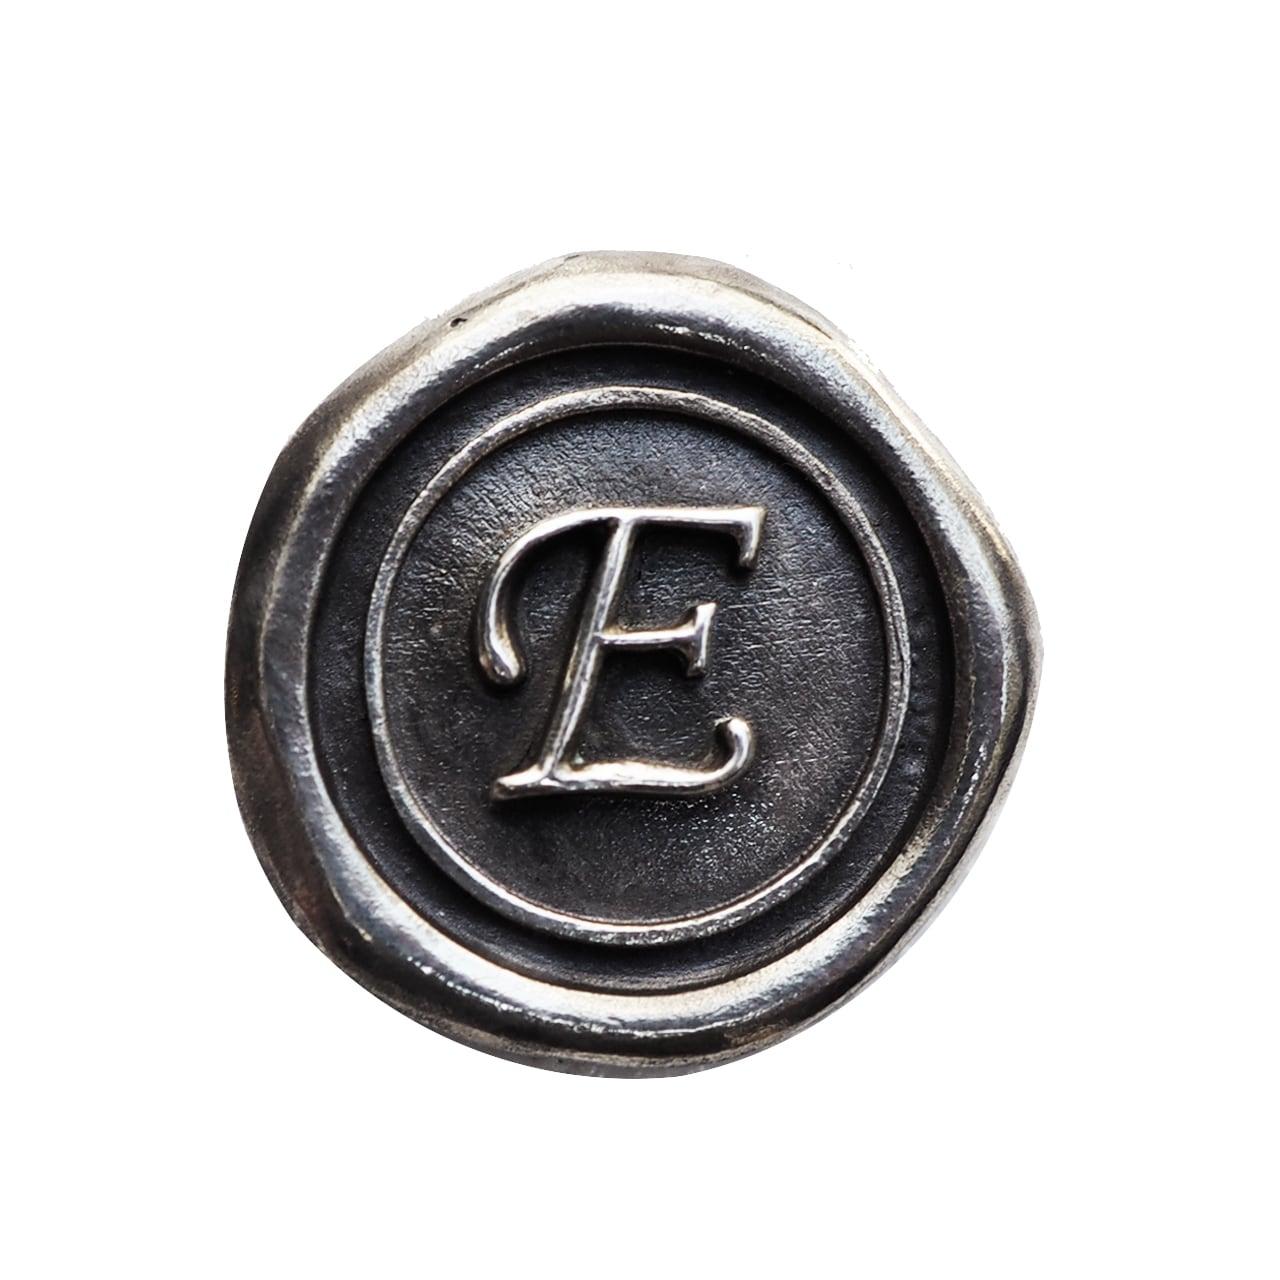 シーリングイニシャル S 〈E〉 シルバー / コンチョボタン